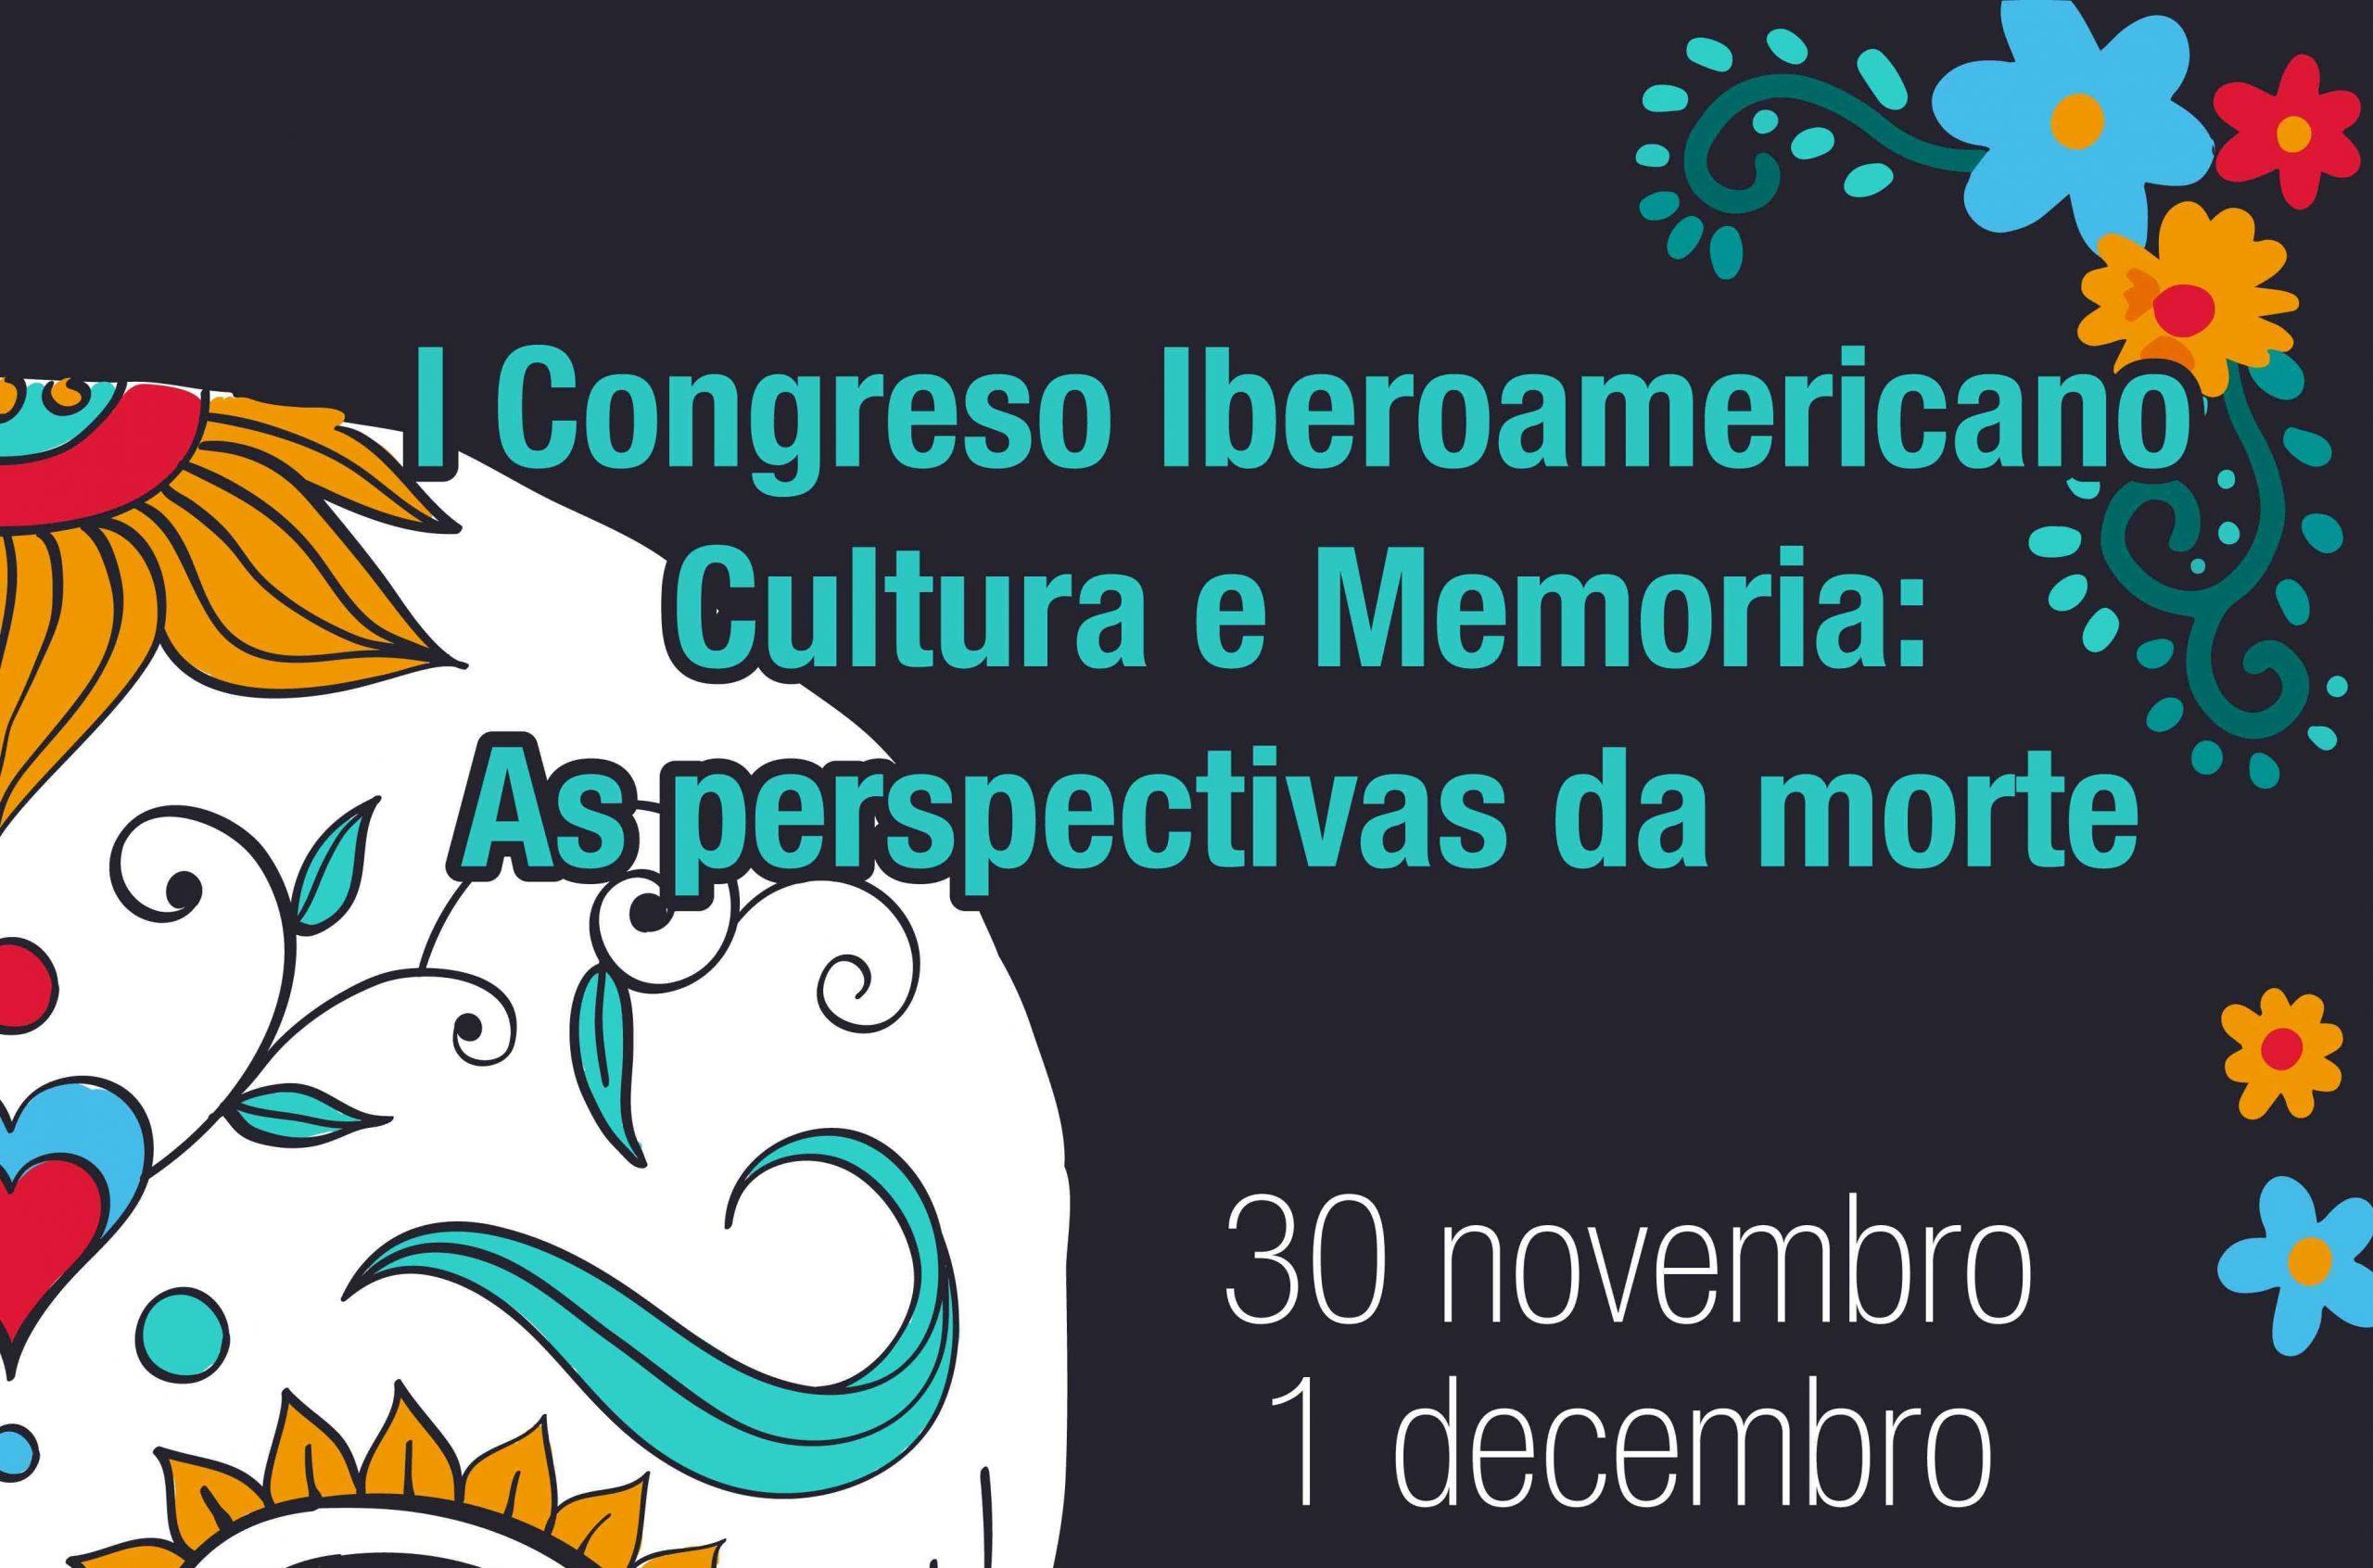 congreso_iberoamericano18-01-01-01_0